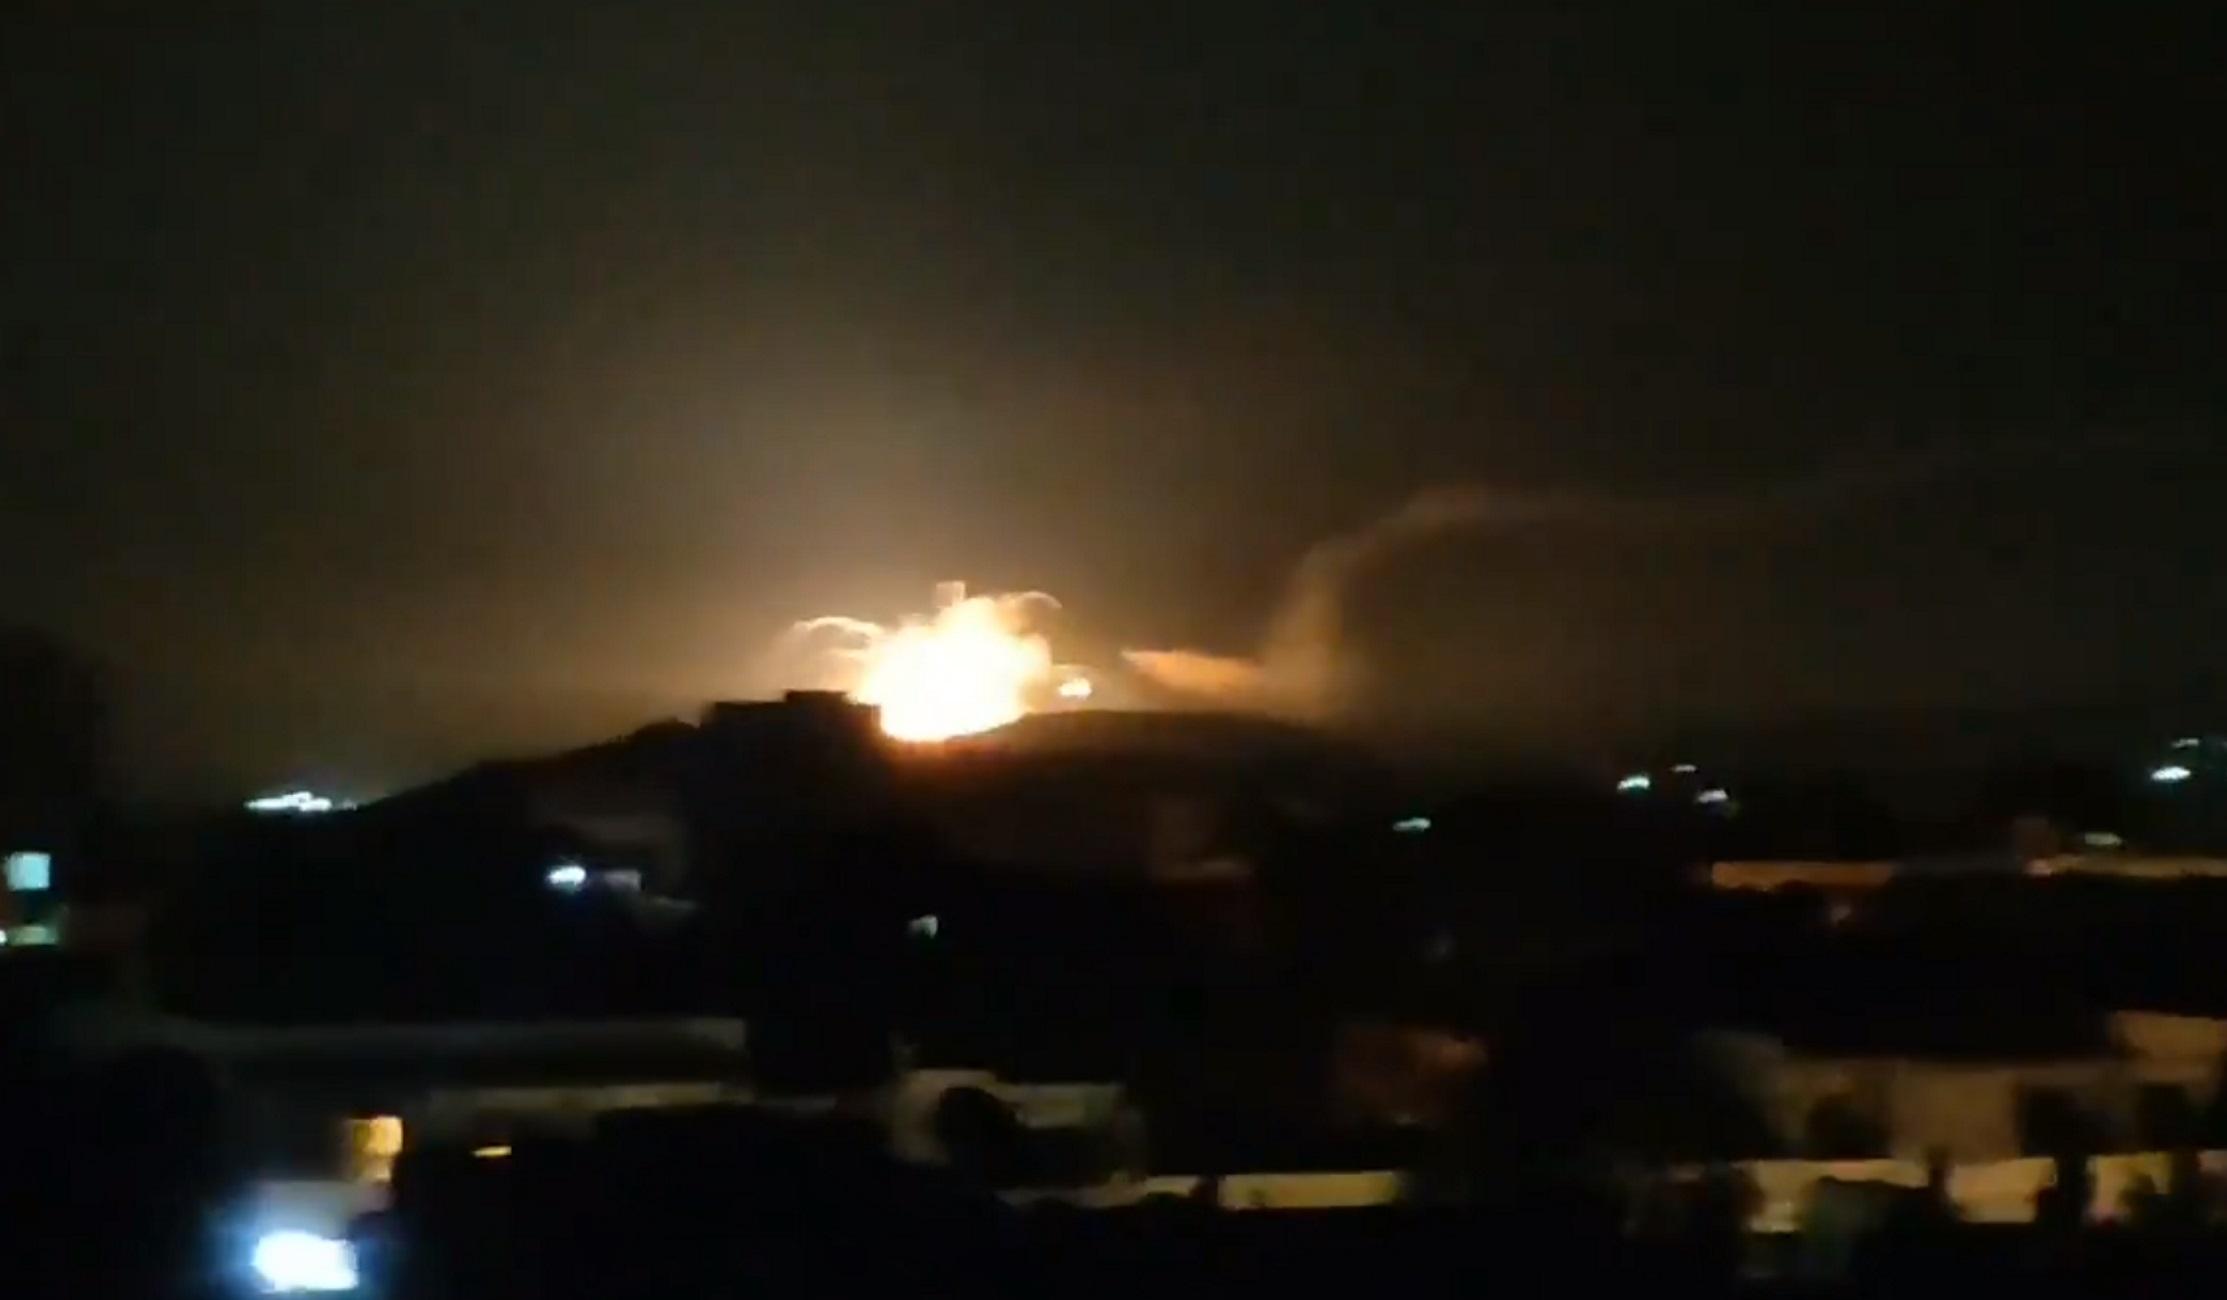 Φλέγεται η Μέση Ανατολή! Το Ισραήλ εξαπέλυσε νέα επίθεση εναντίον της Συρίας